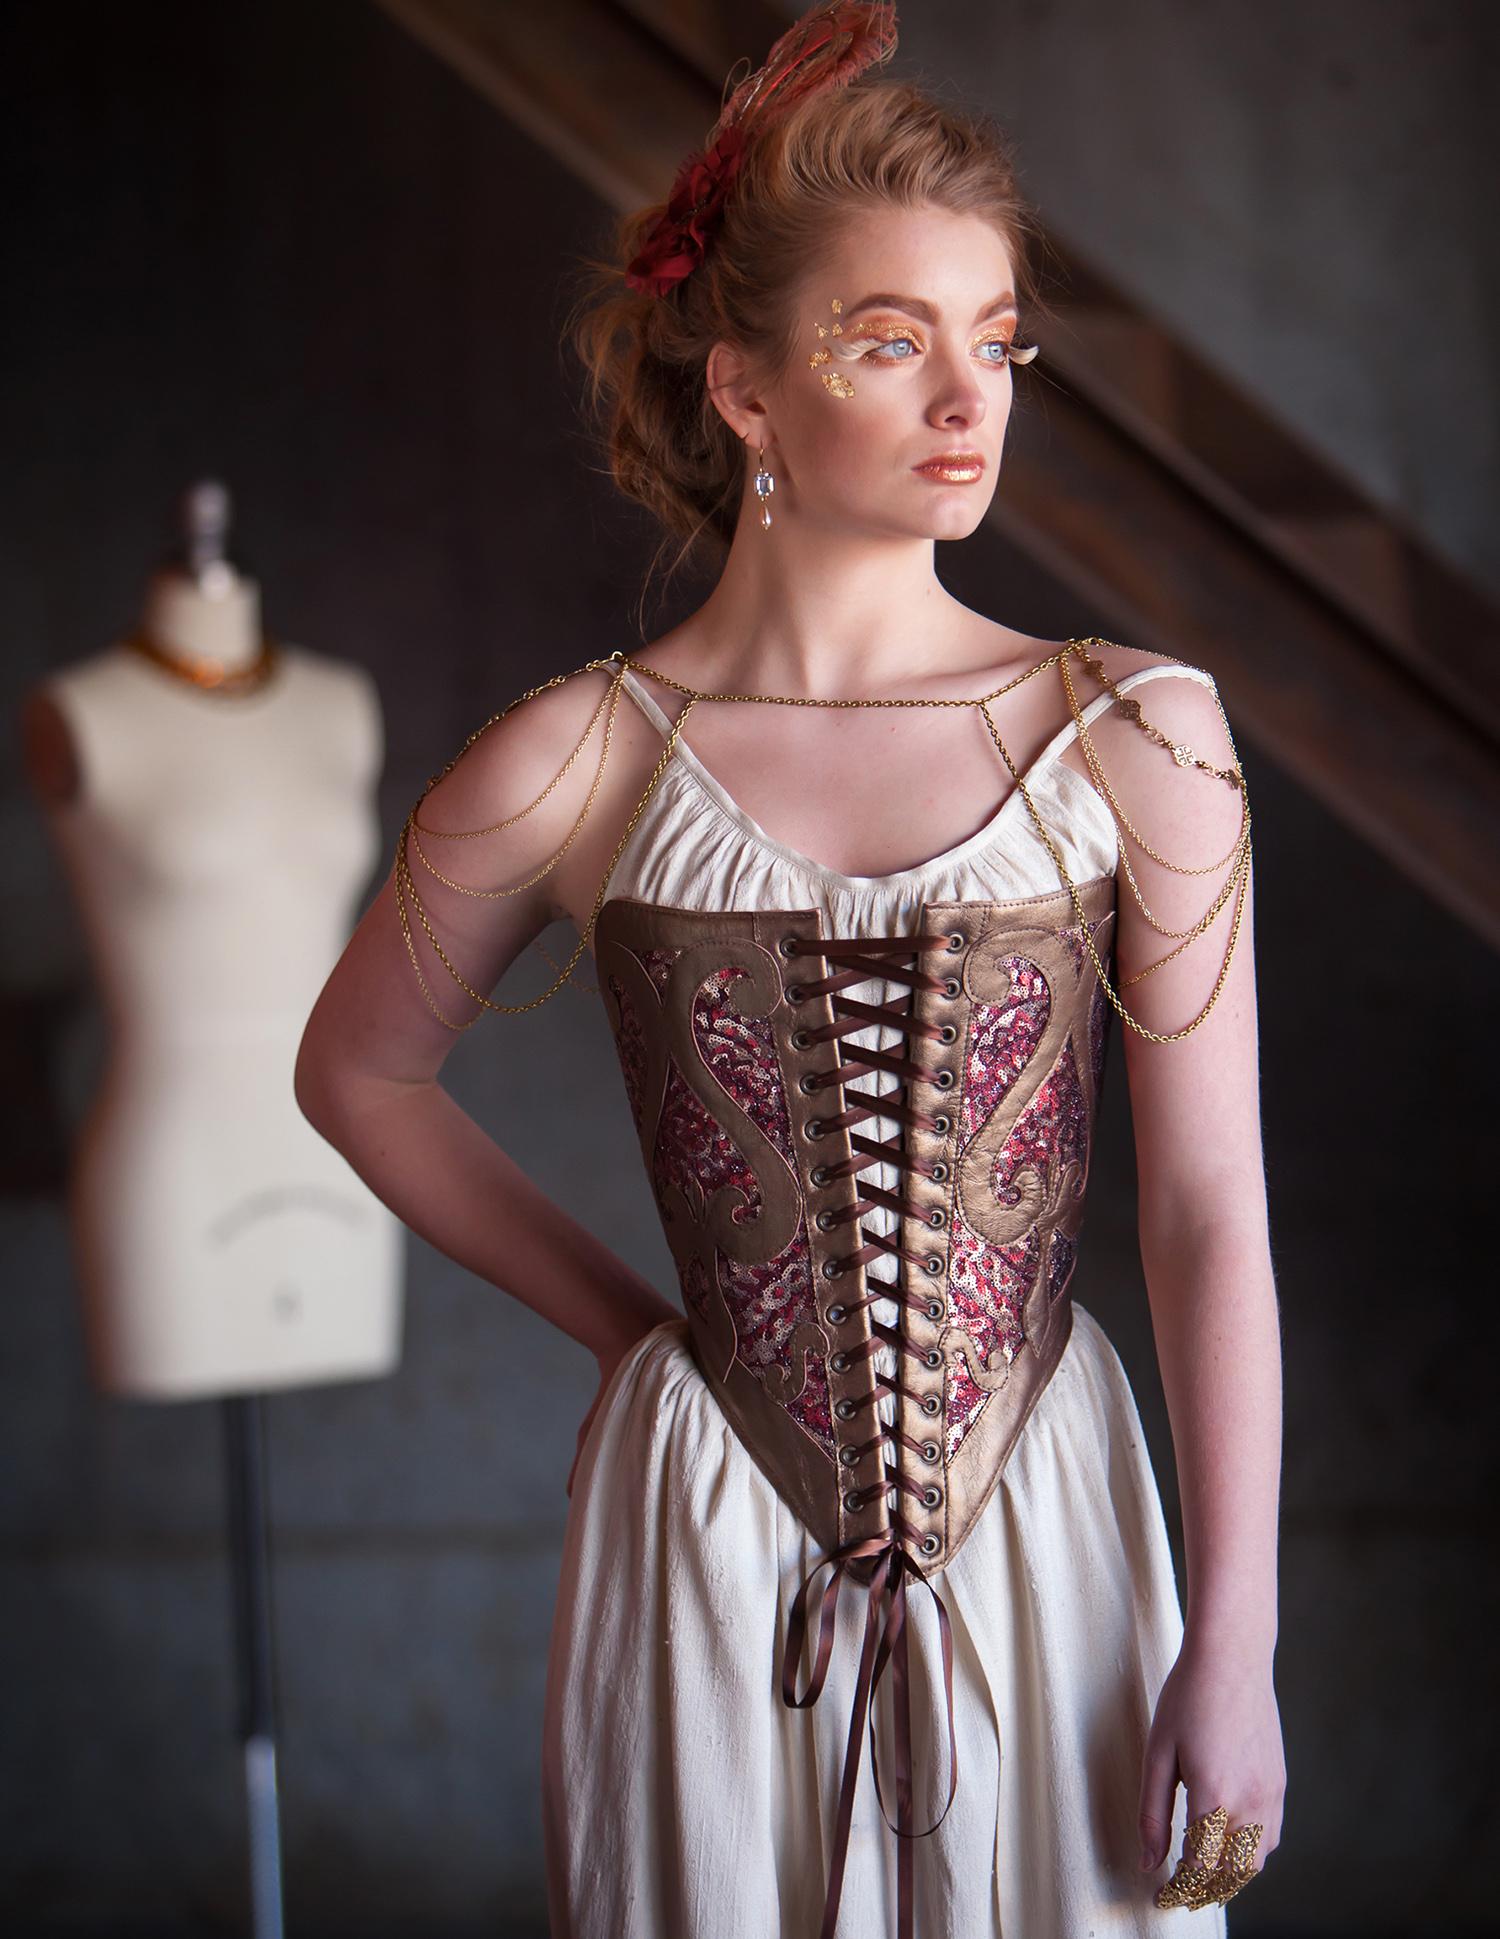 Styled High Fashion Photoshoot for Redthreaded (corset designer) by Denver photographer Jennifer Koskinen, Merritt Portrait Studio